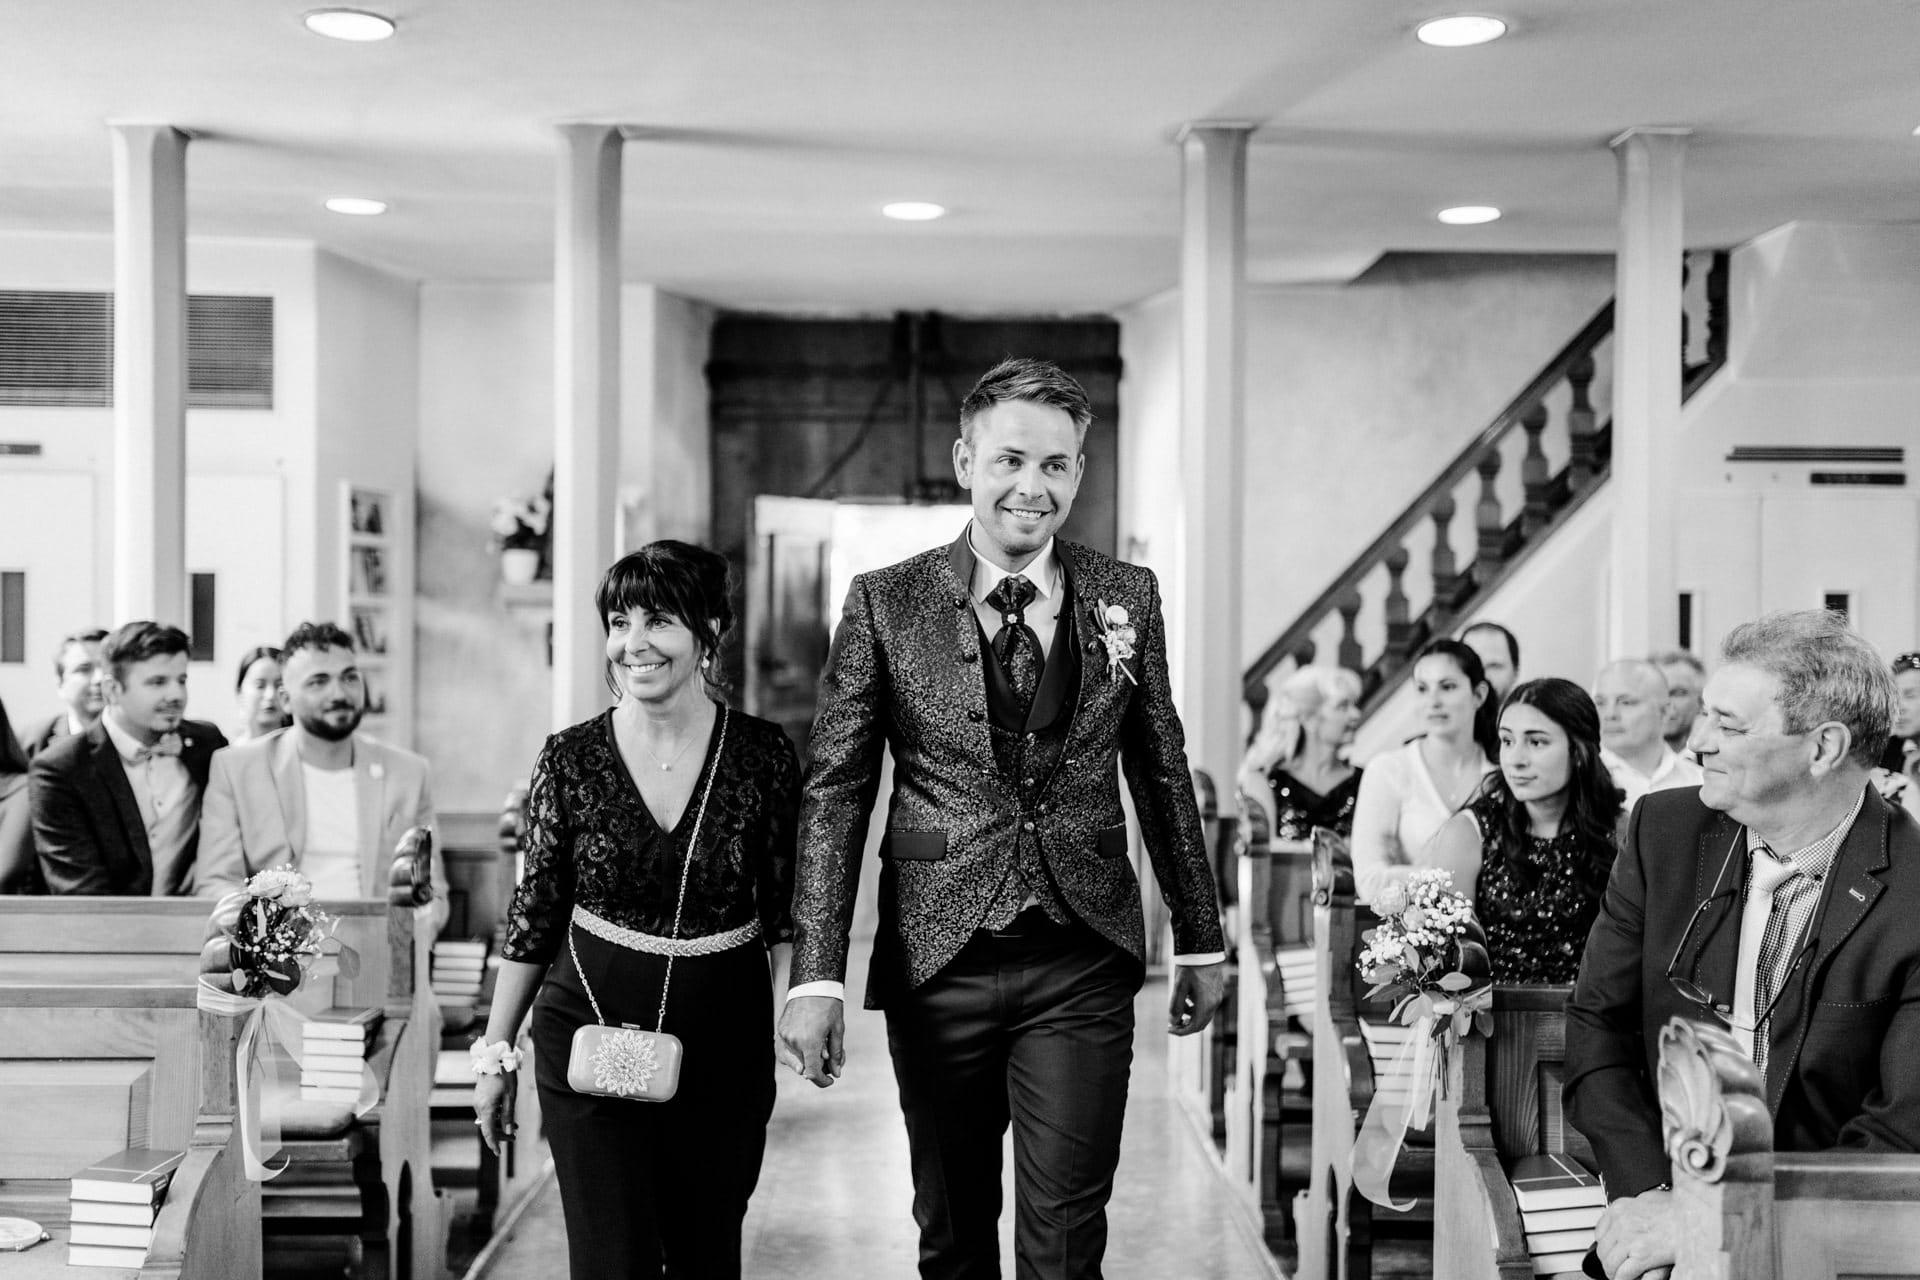 Bräutigam läuft mit Mutter den Mittelgang der Kirche entlang. Hochzeitsreportage Schweiz